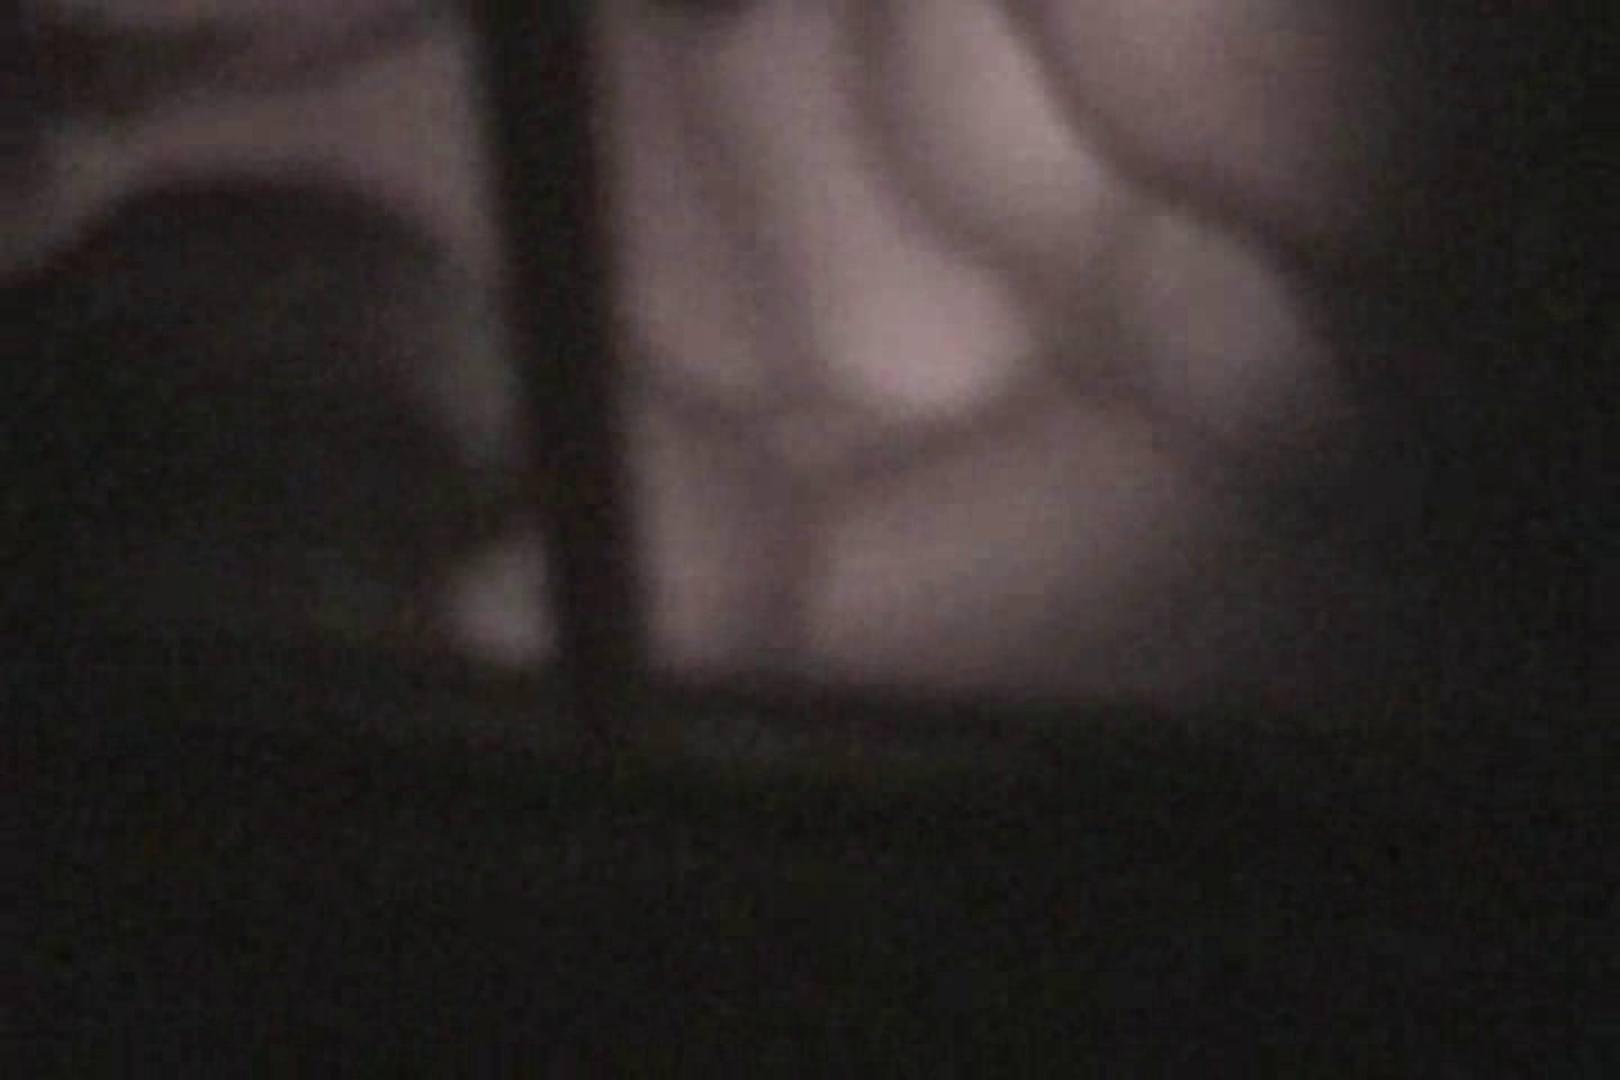 蔵出し!!赤外線カーセックスVol.23 赤外線   セックス流出映像  49連発 31